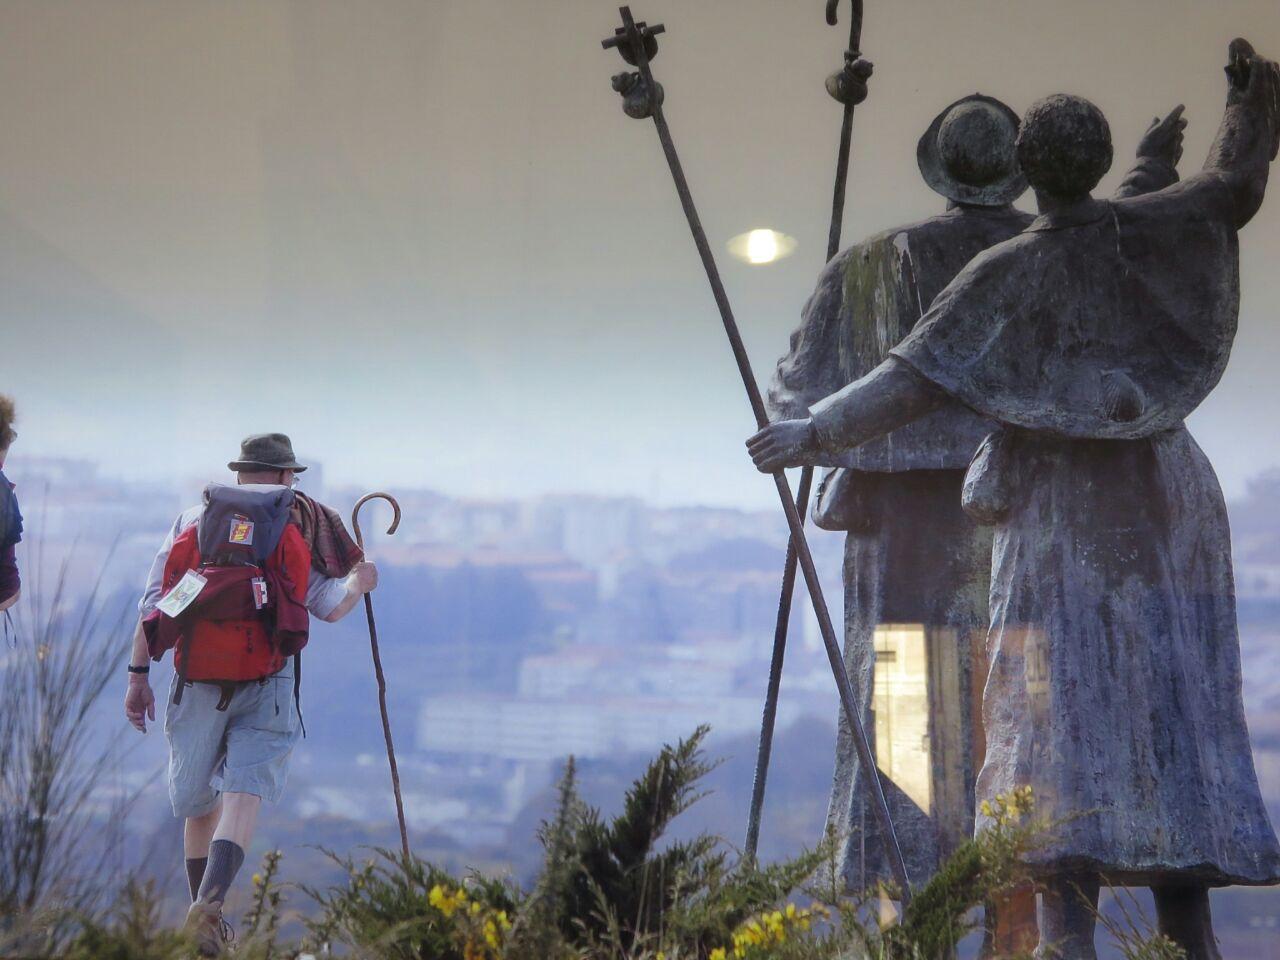 Appunti di viaggio/8 giorno. Il Cammino di Santiago. Un giornalista sulle tracce di mille altri passi